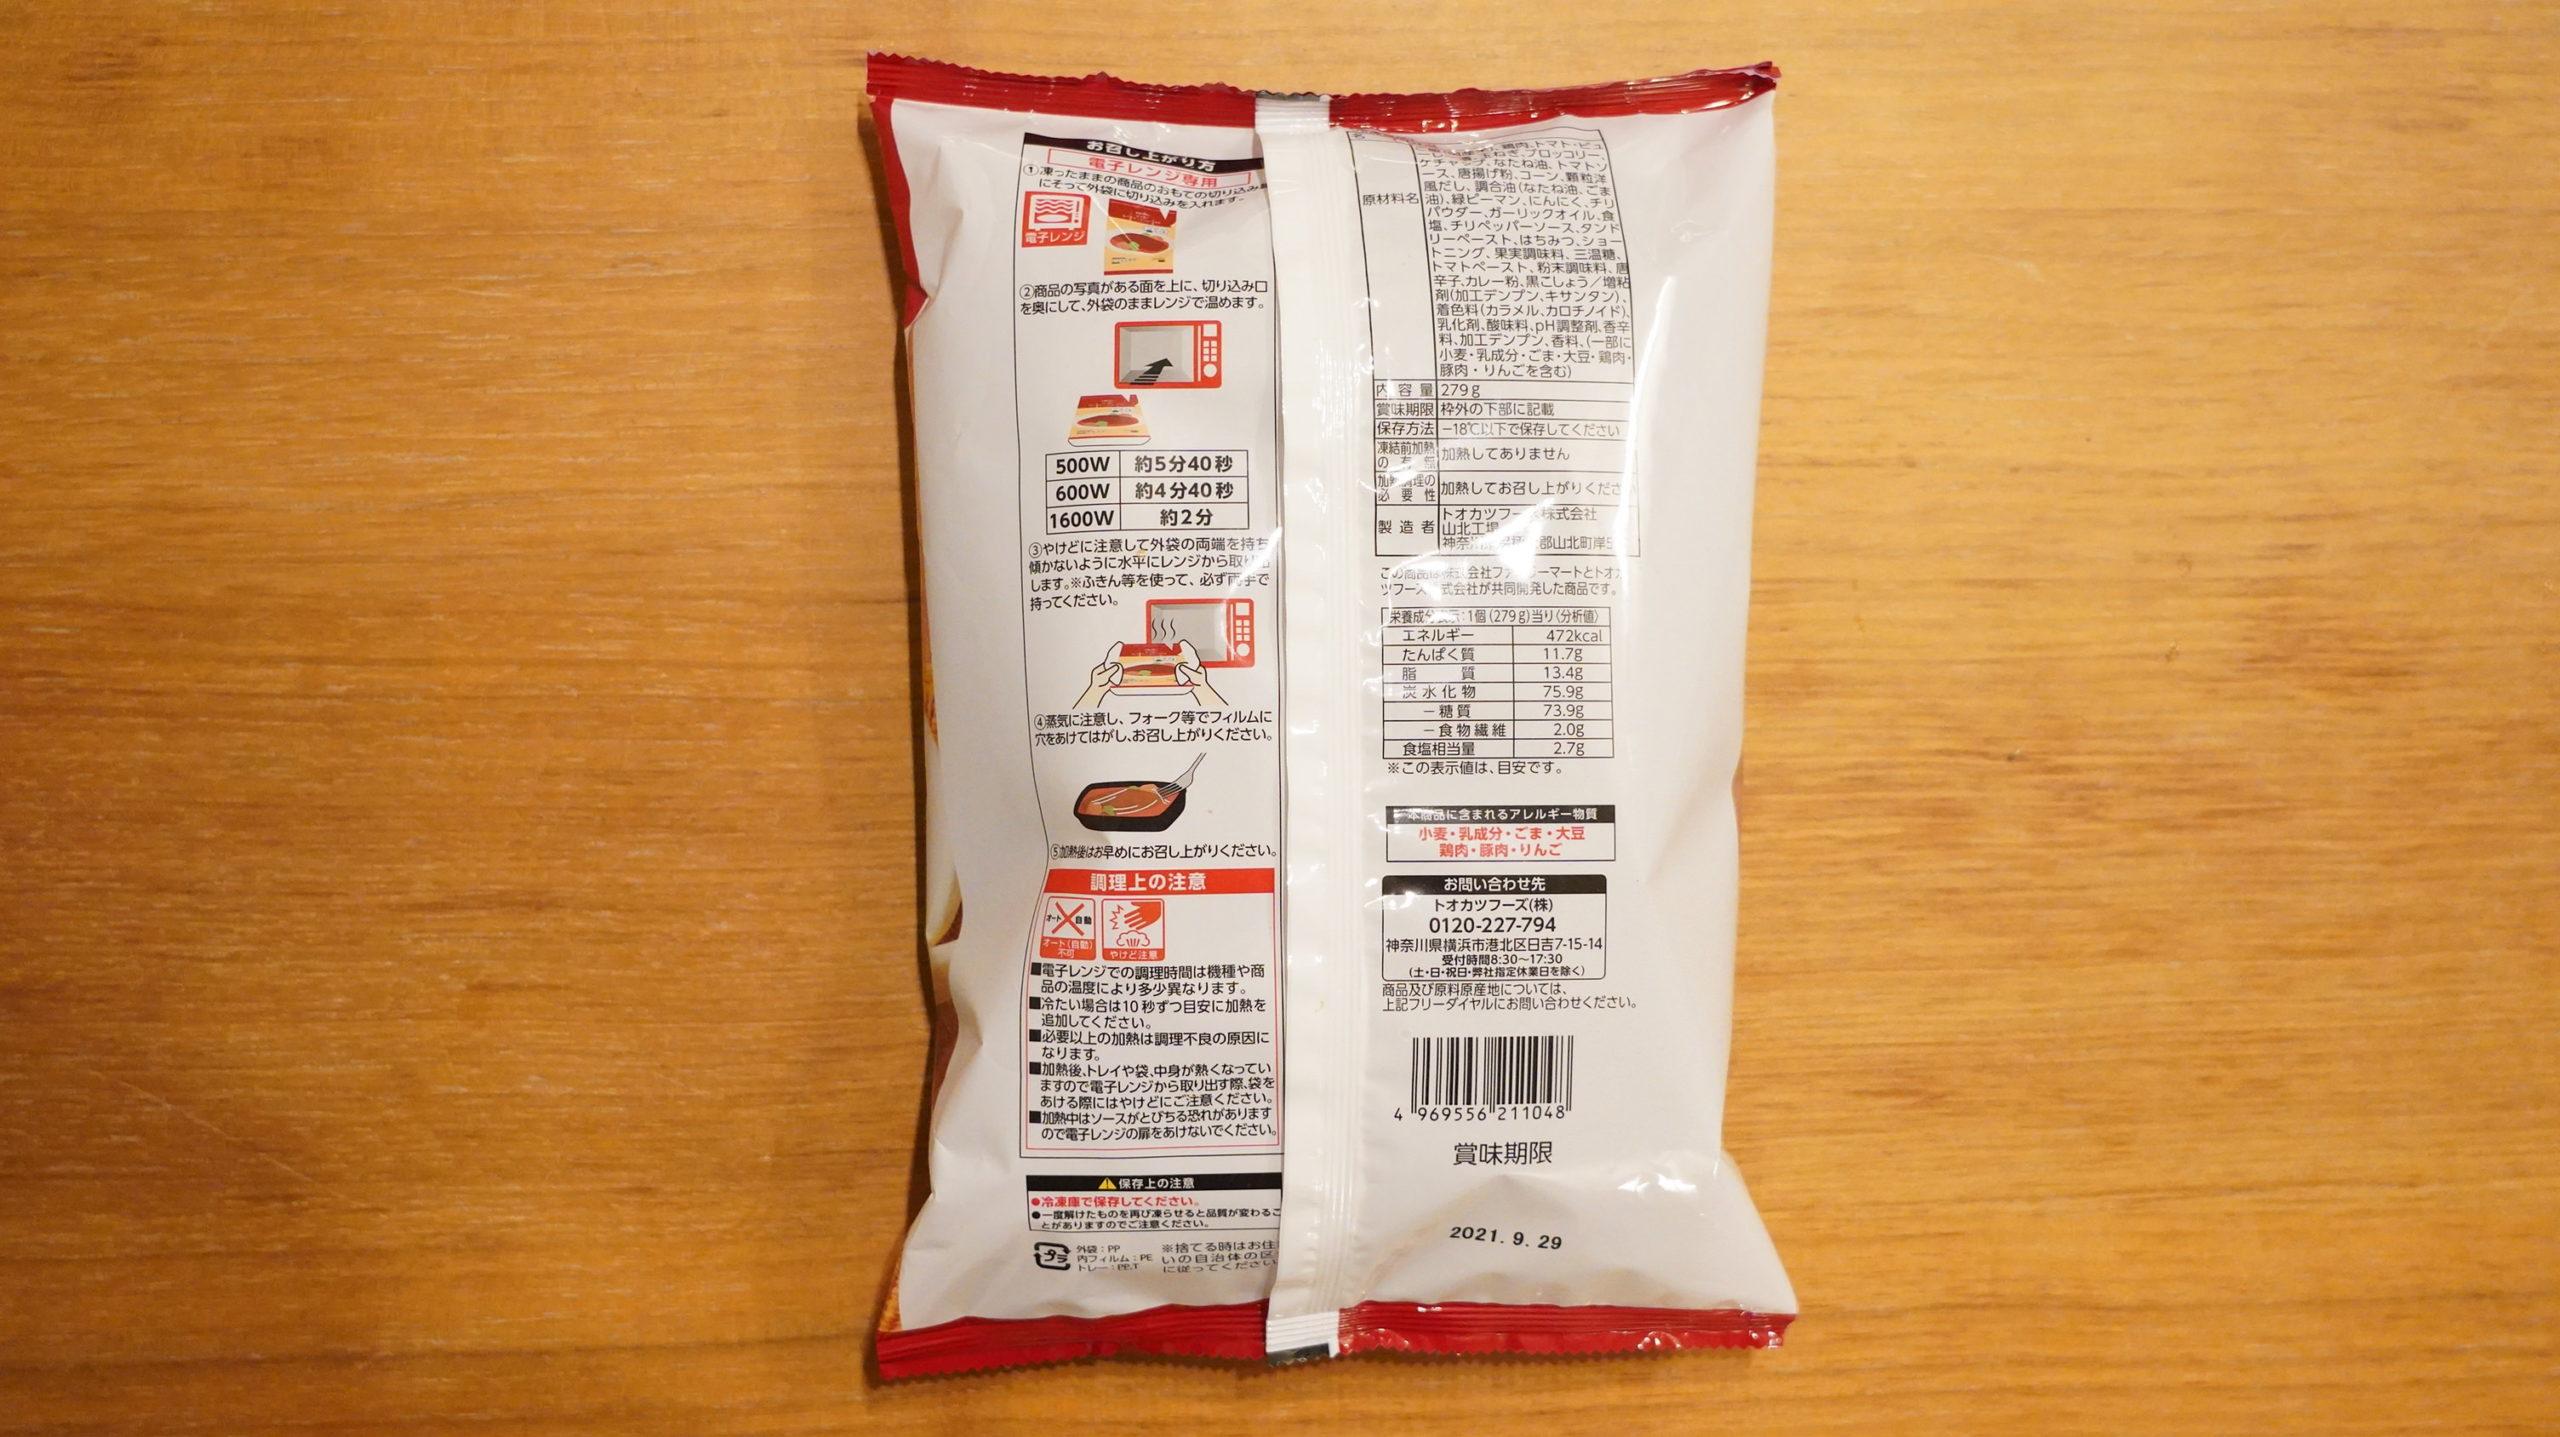 ファミリーマートの冷凍食品「ピリ旨!スパイシージャンバラヤ」のパッケージ裏面の写真